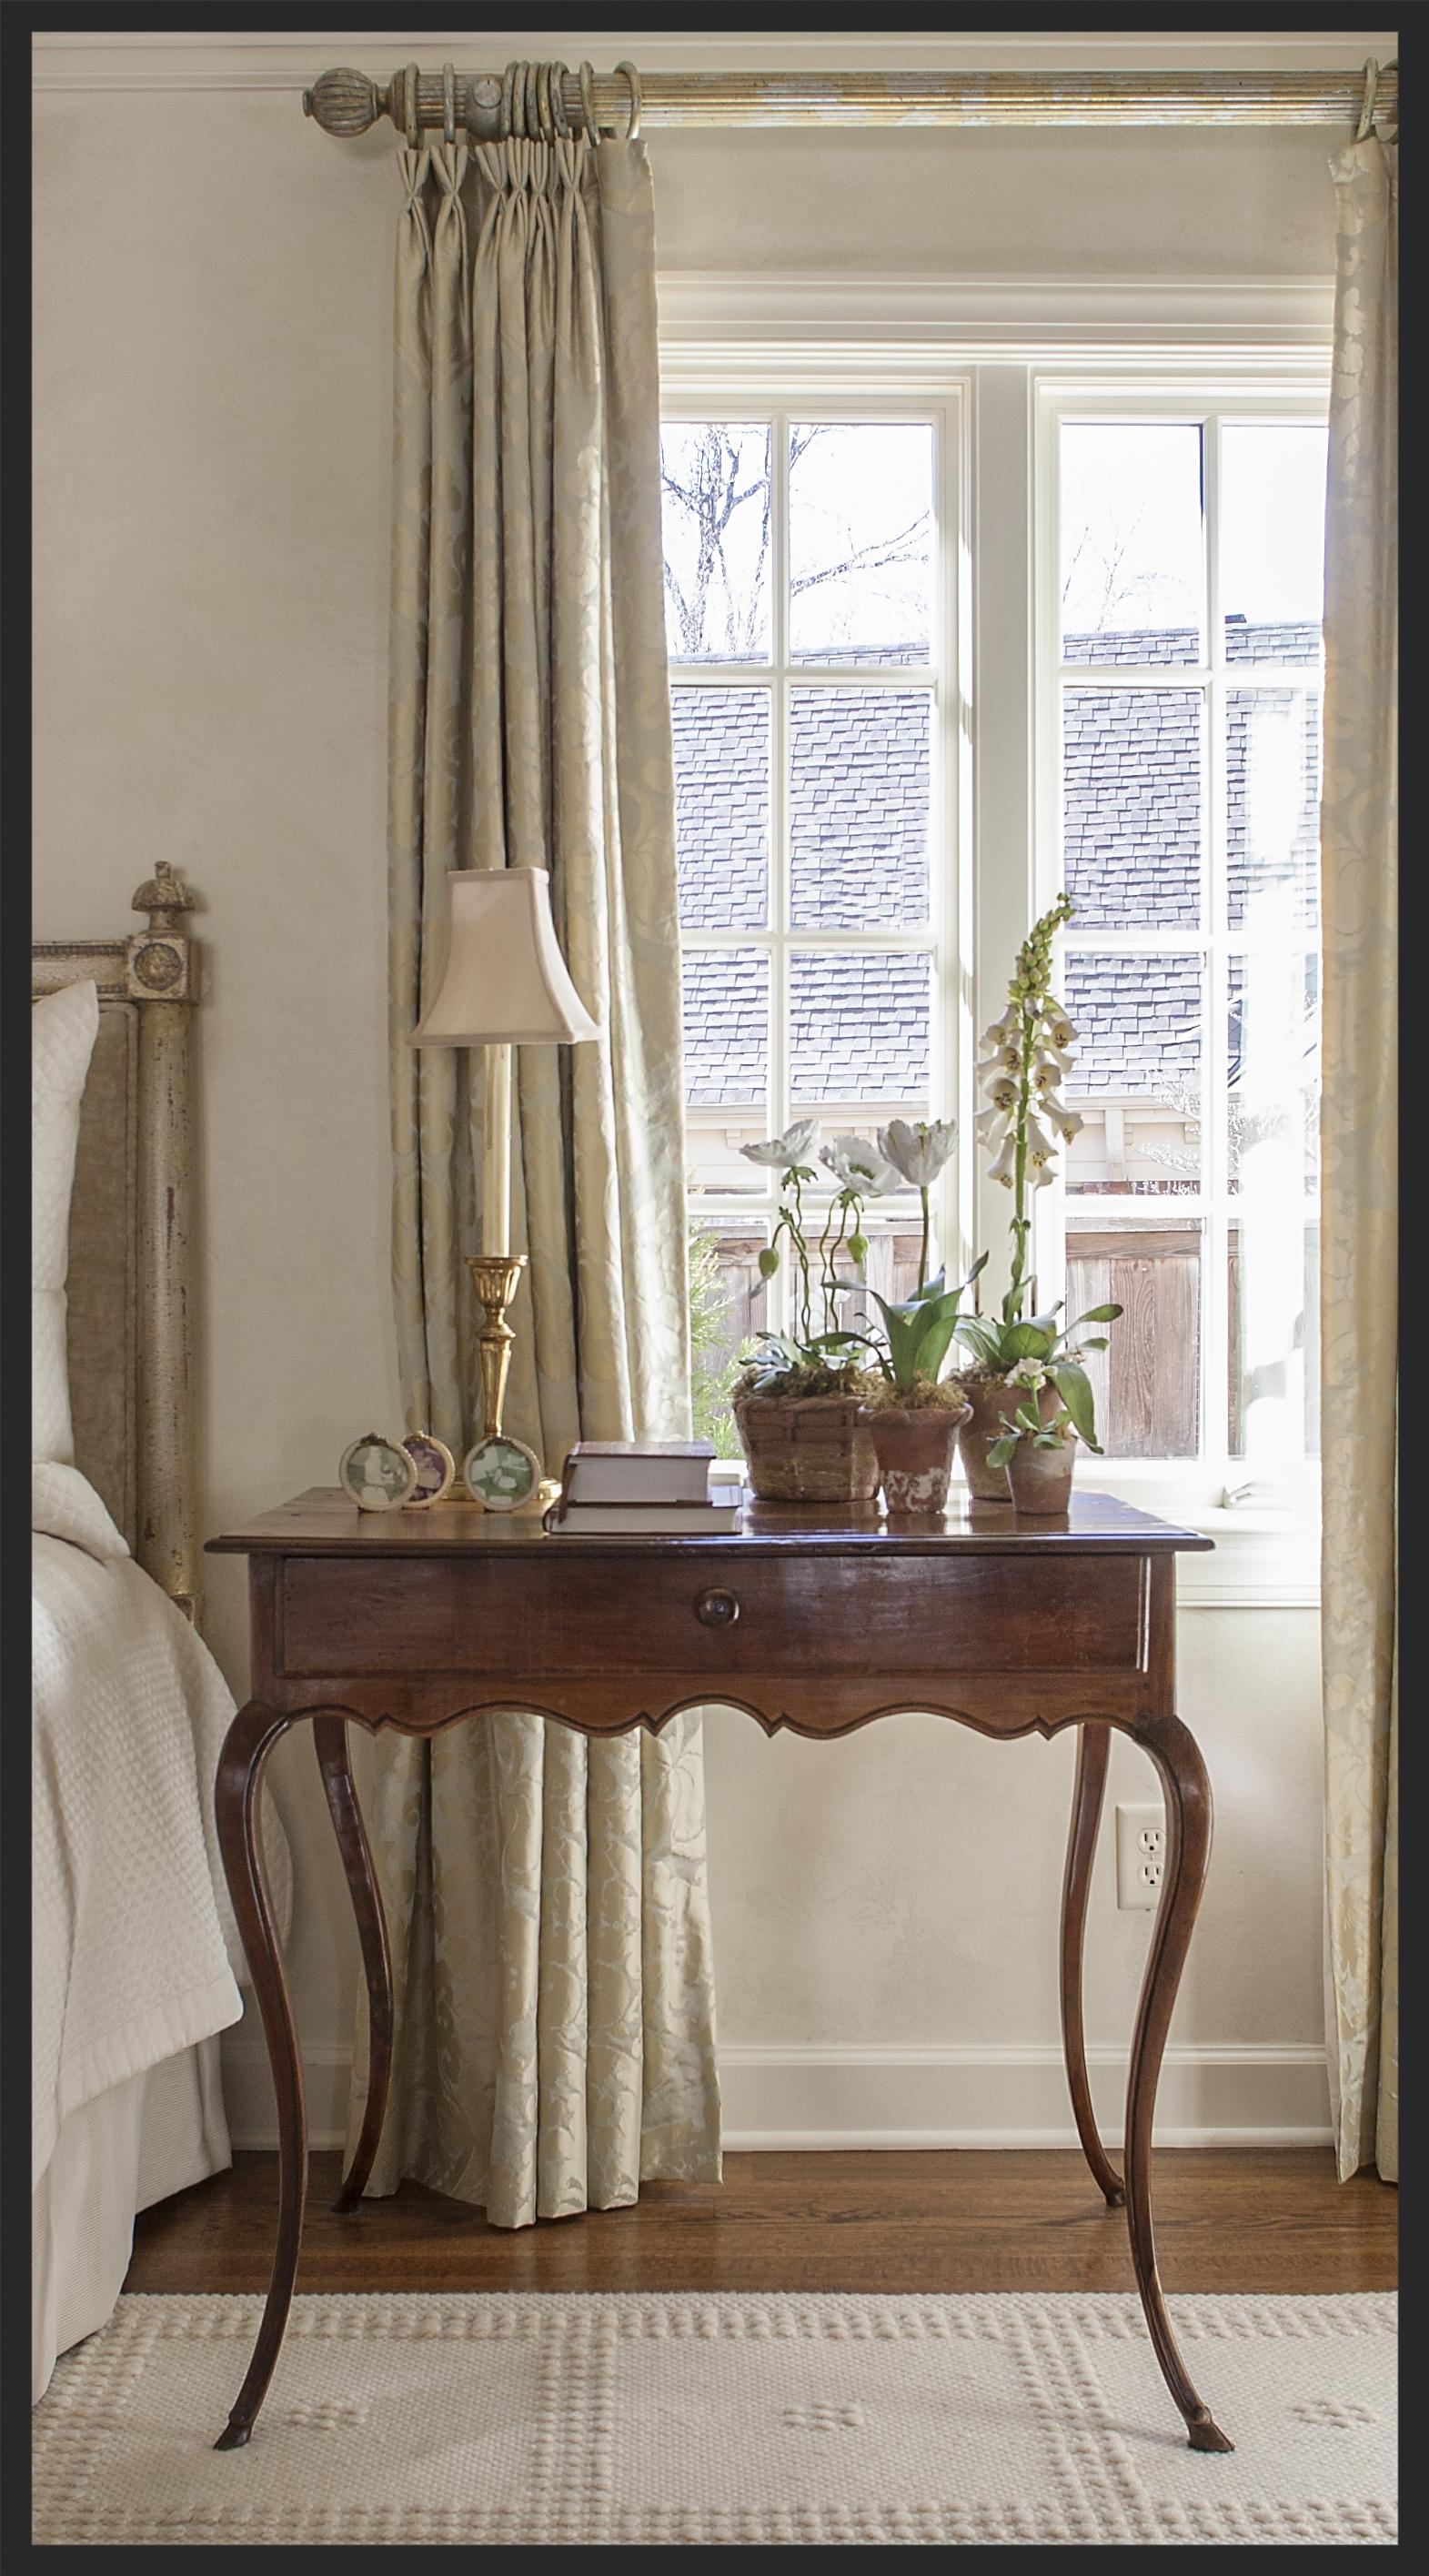 Very graceful table.  Linda Kay McCloy - alittleenglishinteriors.com